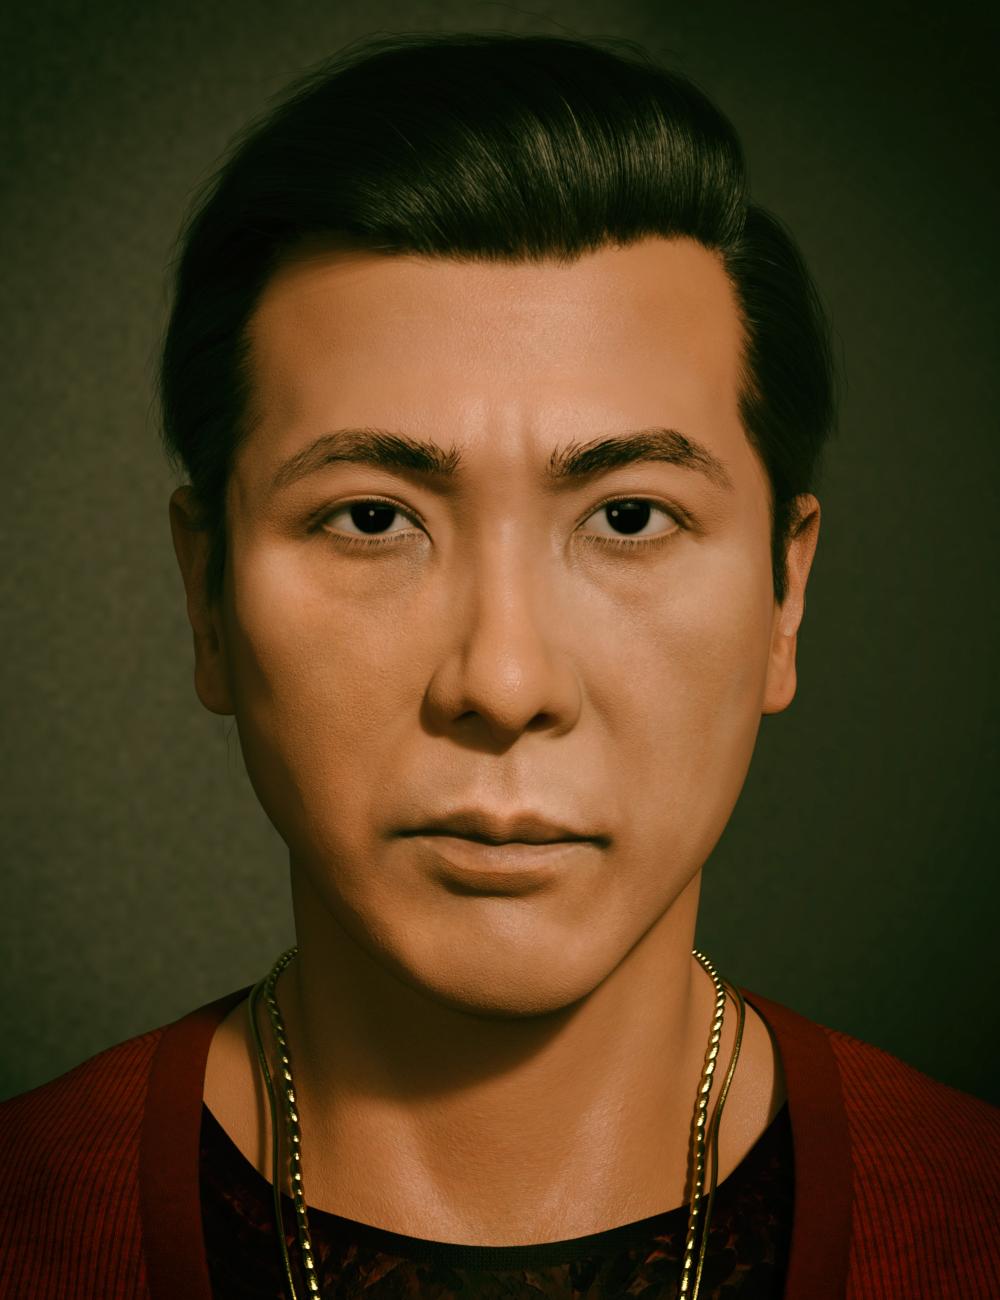 Zhen HD for Genesis 8.1 Male by: Goanna, 3D Models by Daz 3D